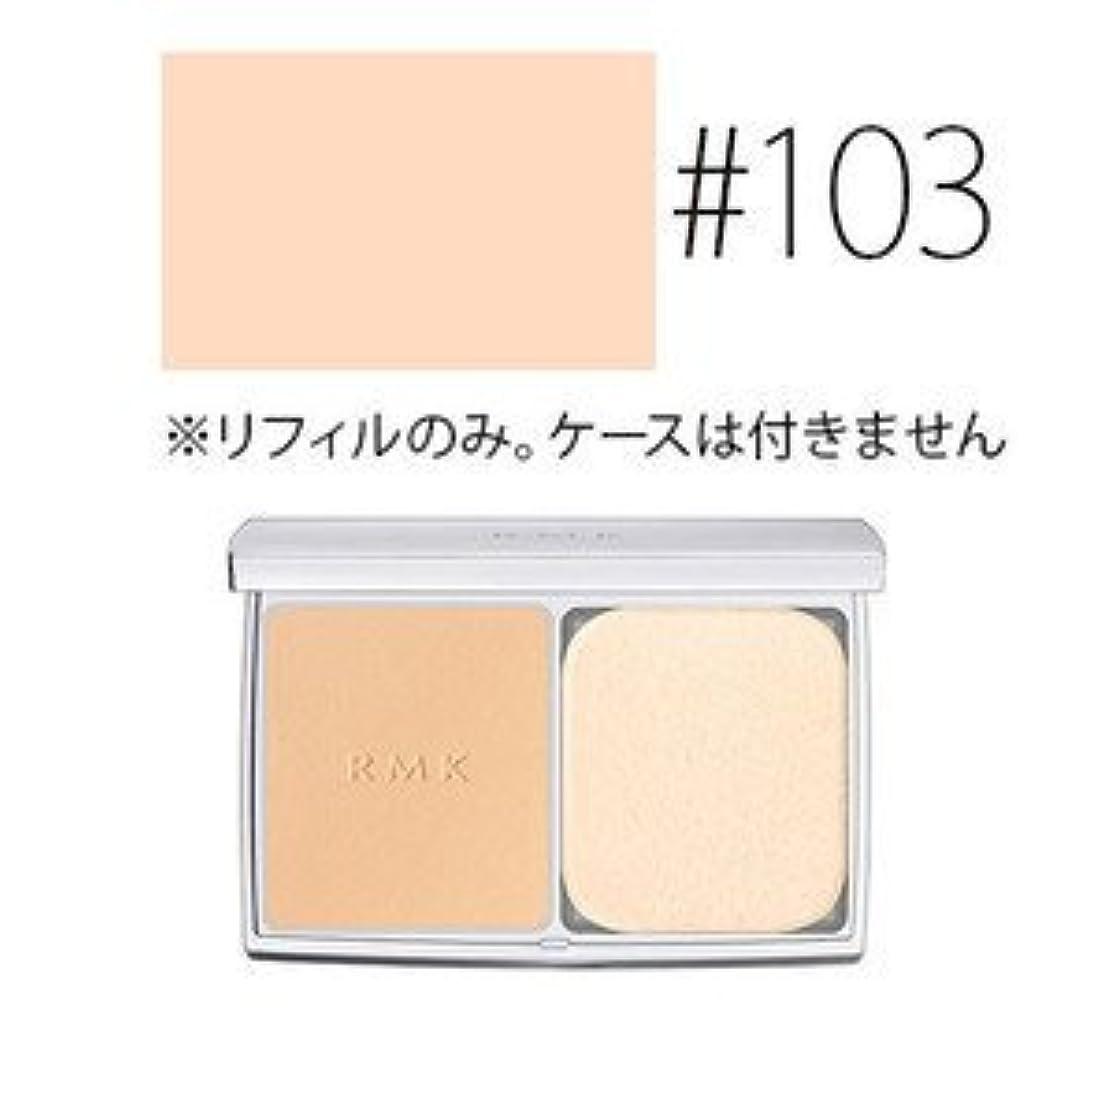 合理化量で強制【RMK (ルミコ)】UVパウダーファンデーション (レフィル) #103L 11g